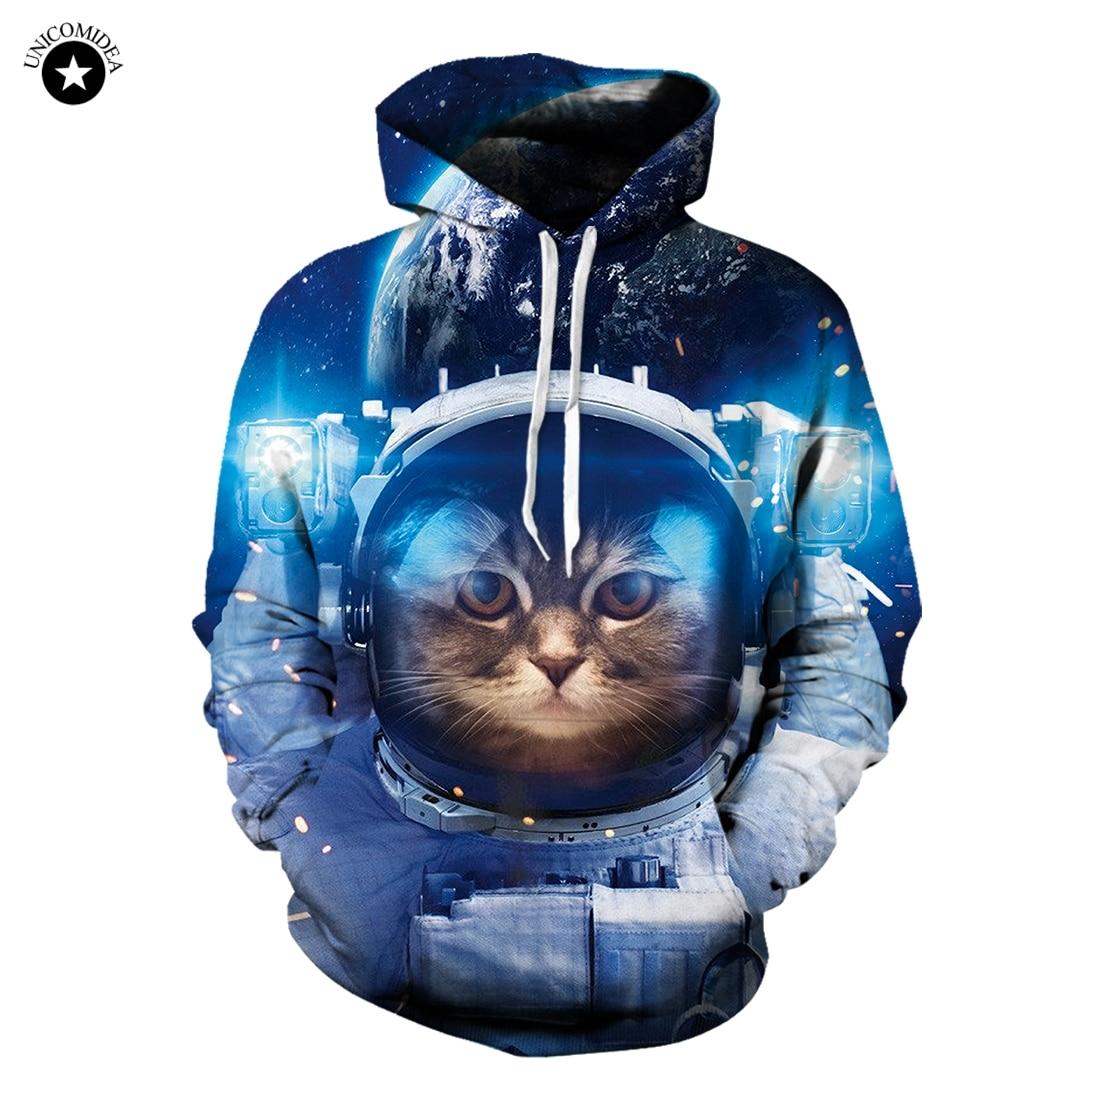 Divertente Hoody Magliette e camicette 3D Galaxy Spazio Astronauta del Gattino del Gatto Felpa Manica Lunga Pullover Felpe Plus Size Tuta Dropship